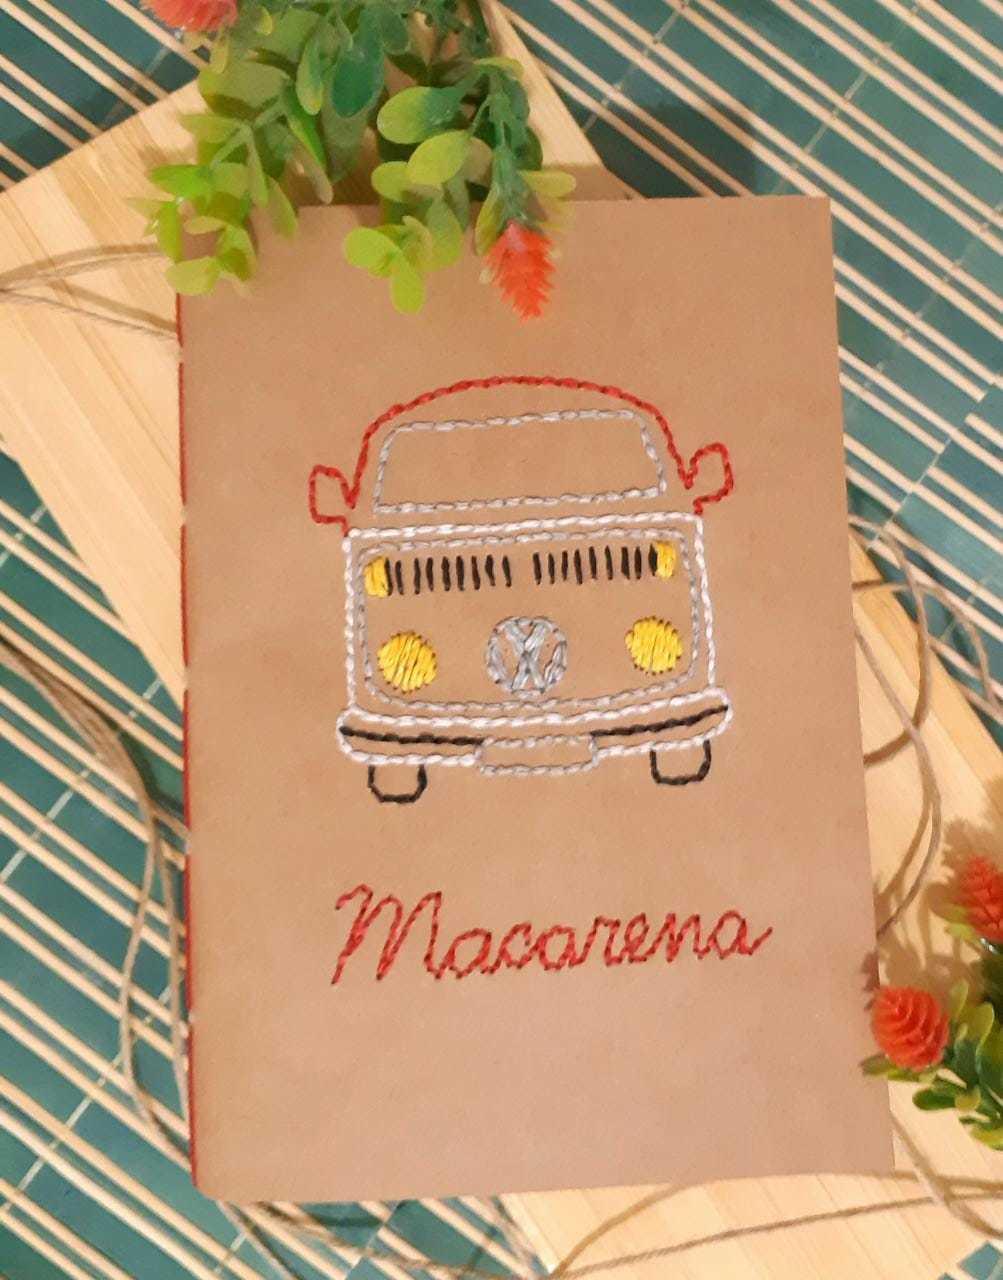 Feito à mão, bordado da Kombi Macarena que o cliente pediu (Foto: Reprodução/Instagram)